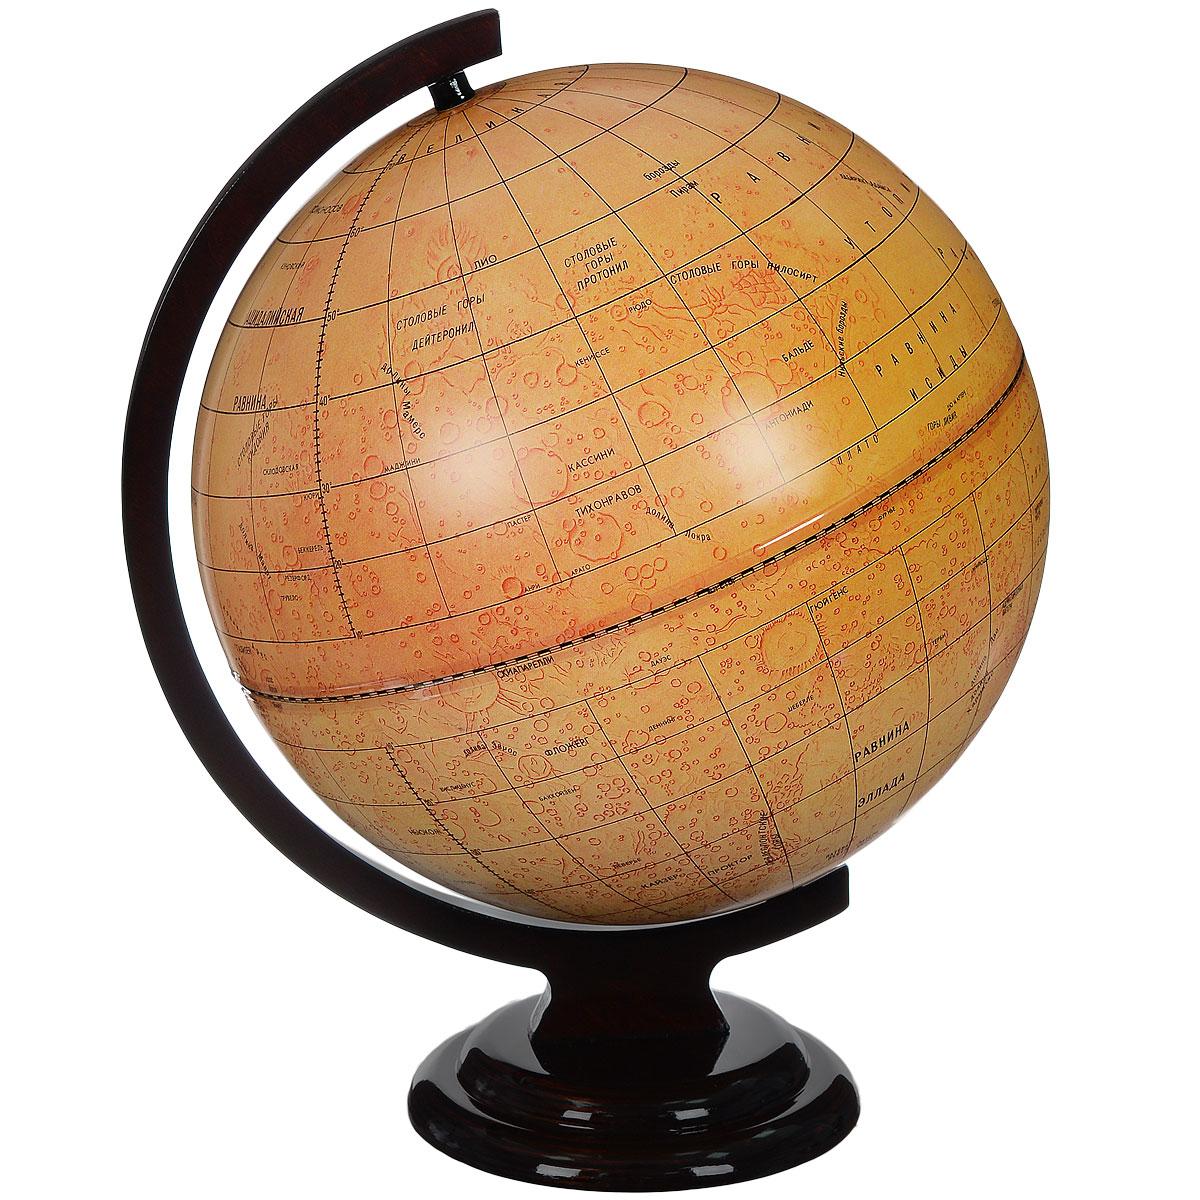 Глобусный мир Глобус Марса, диаметр 32 см на деревянной подставкеFS-00897Глобус Марса Глобусный мир, изготовлен из высококачественного прочного пластика.Данная модель предназначена для ознакомления с географией марсианской поверхности. На глобусе указаны названия марсианских гор, борозд, плато, равнин, кратеров и каньонов.Такой глобус станет прекрасным подарком и учебным материалом для дальнейшего изучения астрономии. Изделие расположено на деревянной подставке.Настольный глобус Марса Глобусный мир станет оригинальным украшением рабочего стола или вашего кабинета. Это изысканная вещь для стильного интерьера, которая станет прекрасным подарком для современного преуспевающего человека, следующего последним тенденциям моды и стремящегося к элегантности и комфорту в каждой детали.Масштаб: 1:40 000 000.